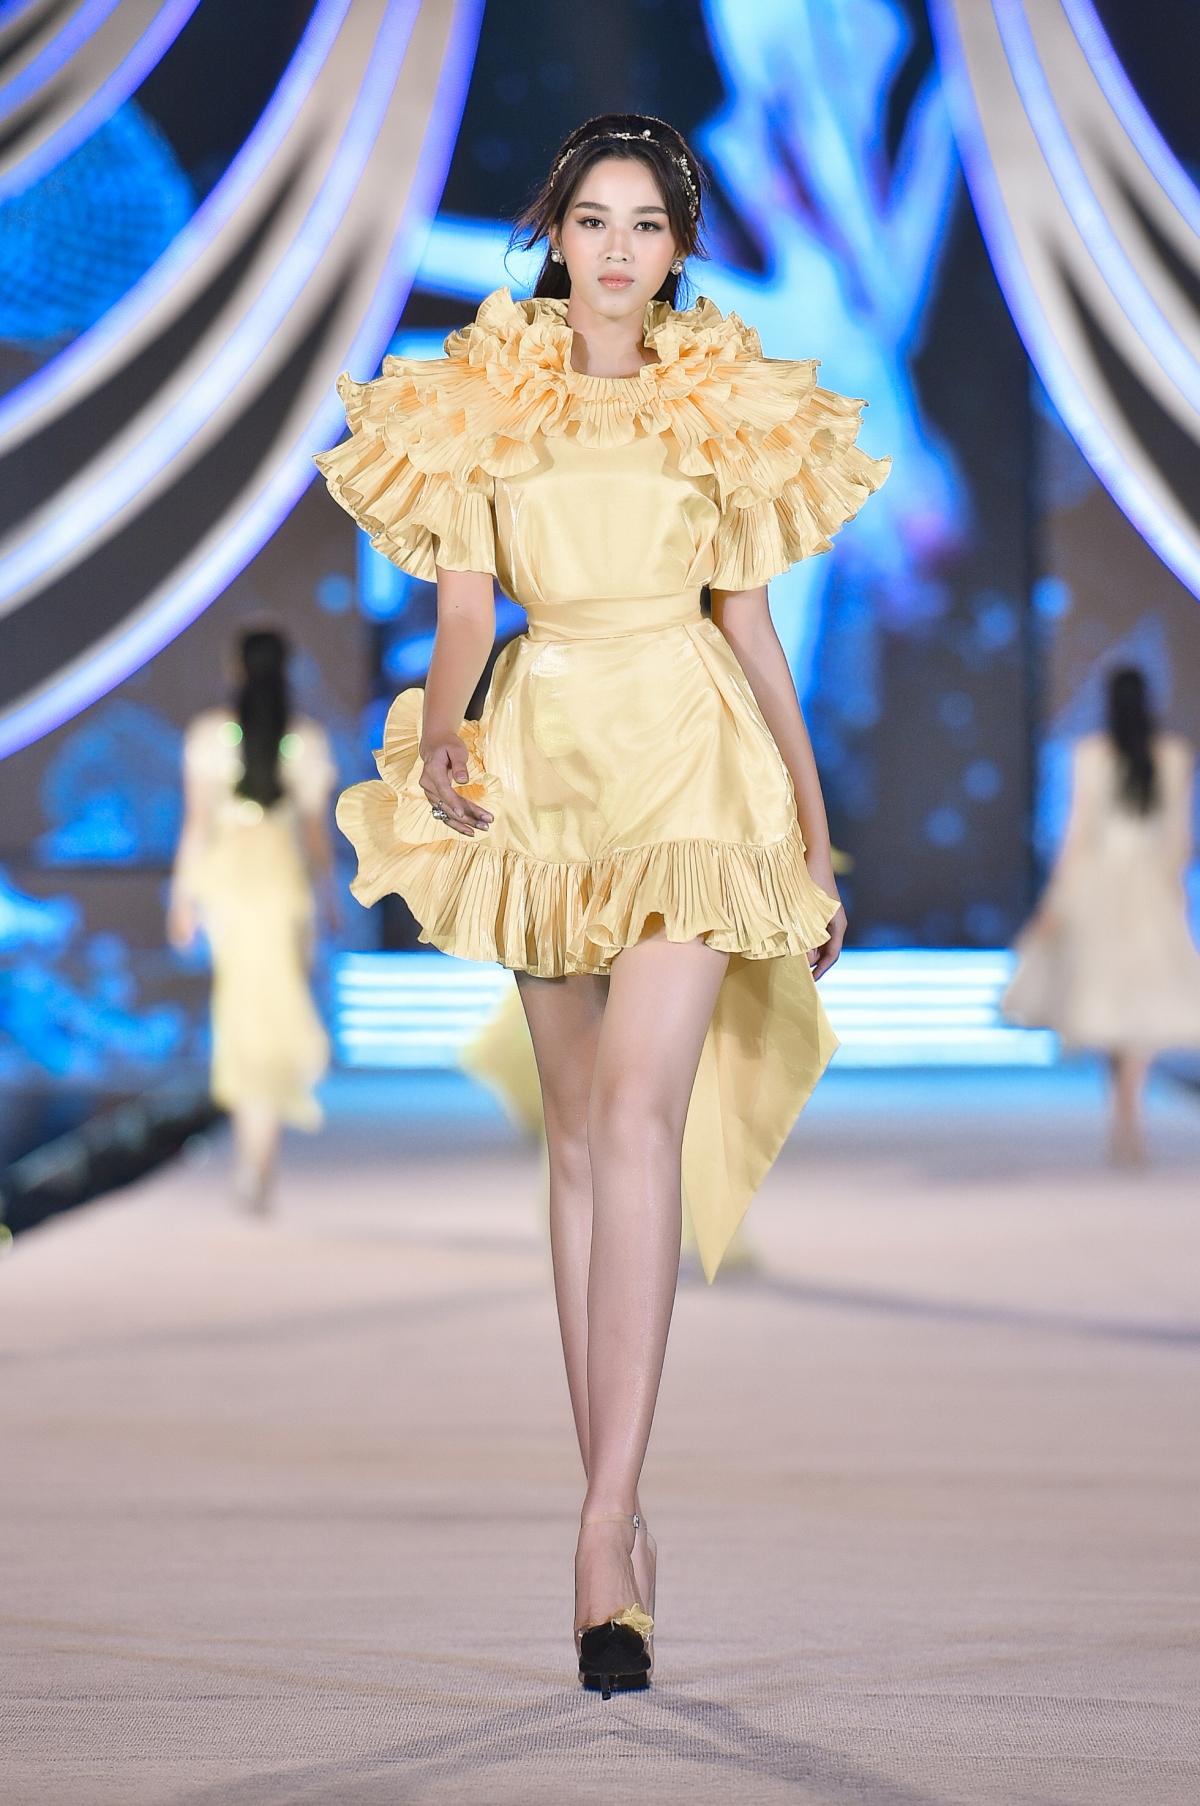 """Cùng với BST """"POISON"""", Top 35 thí sinh Hoa hậu Việt Nam đã có một màn trình diễn không thể hoàn hảo hơn với những bước đi đột phá và những màn catwalk thần thái."""